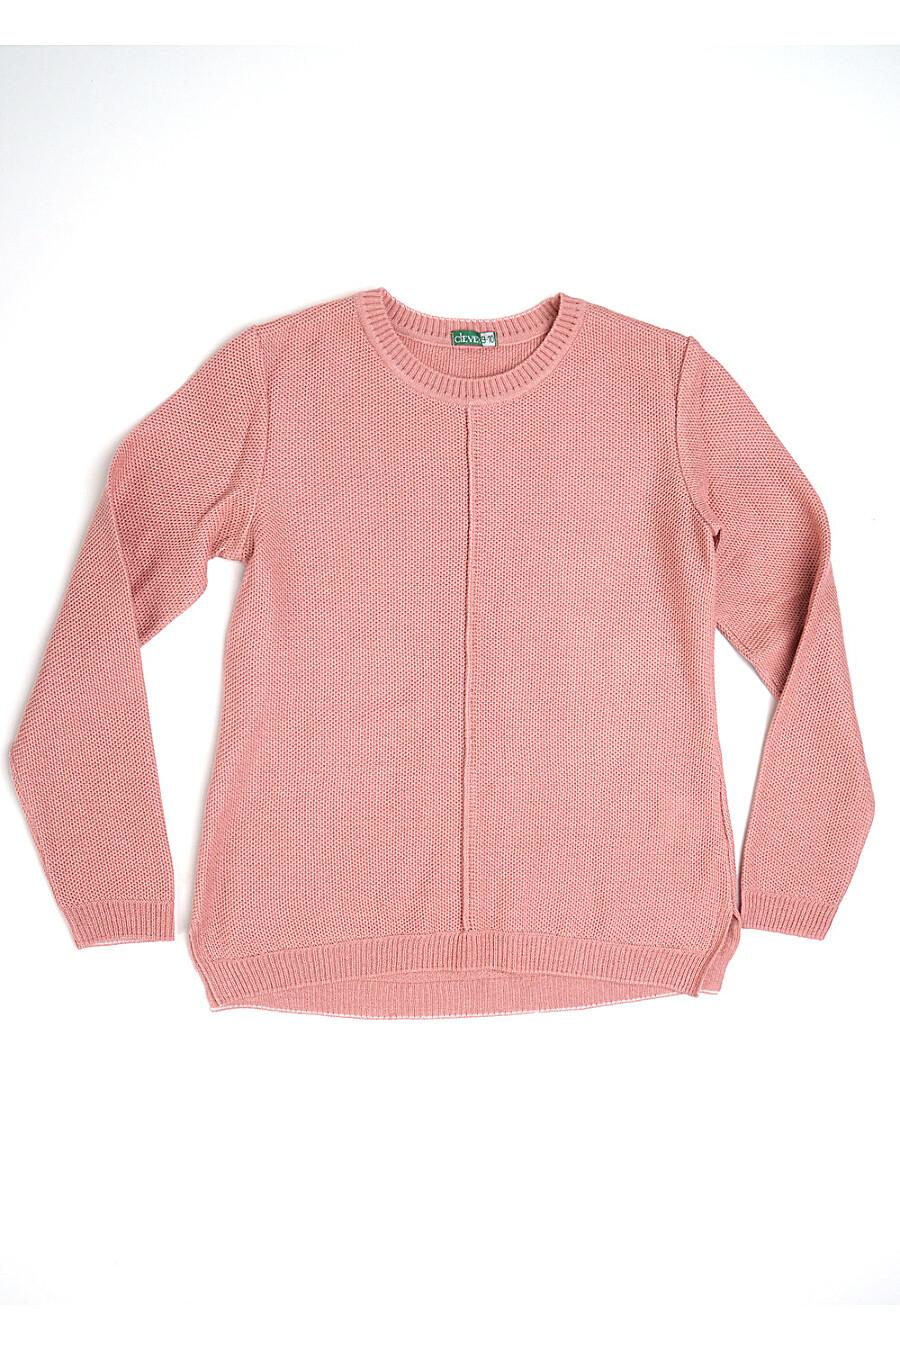 Джемпер для девочек CLEVER 155094 купить оптом от производителя. Совместная покупка детской одежды в OptMoyo